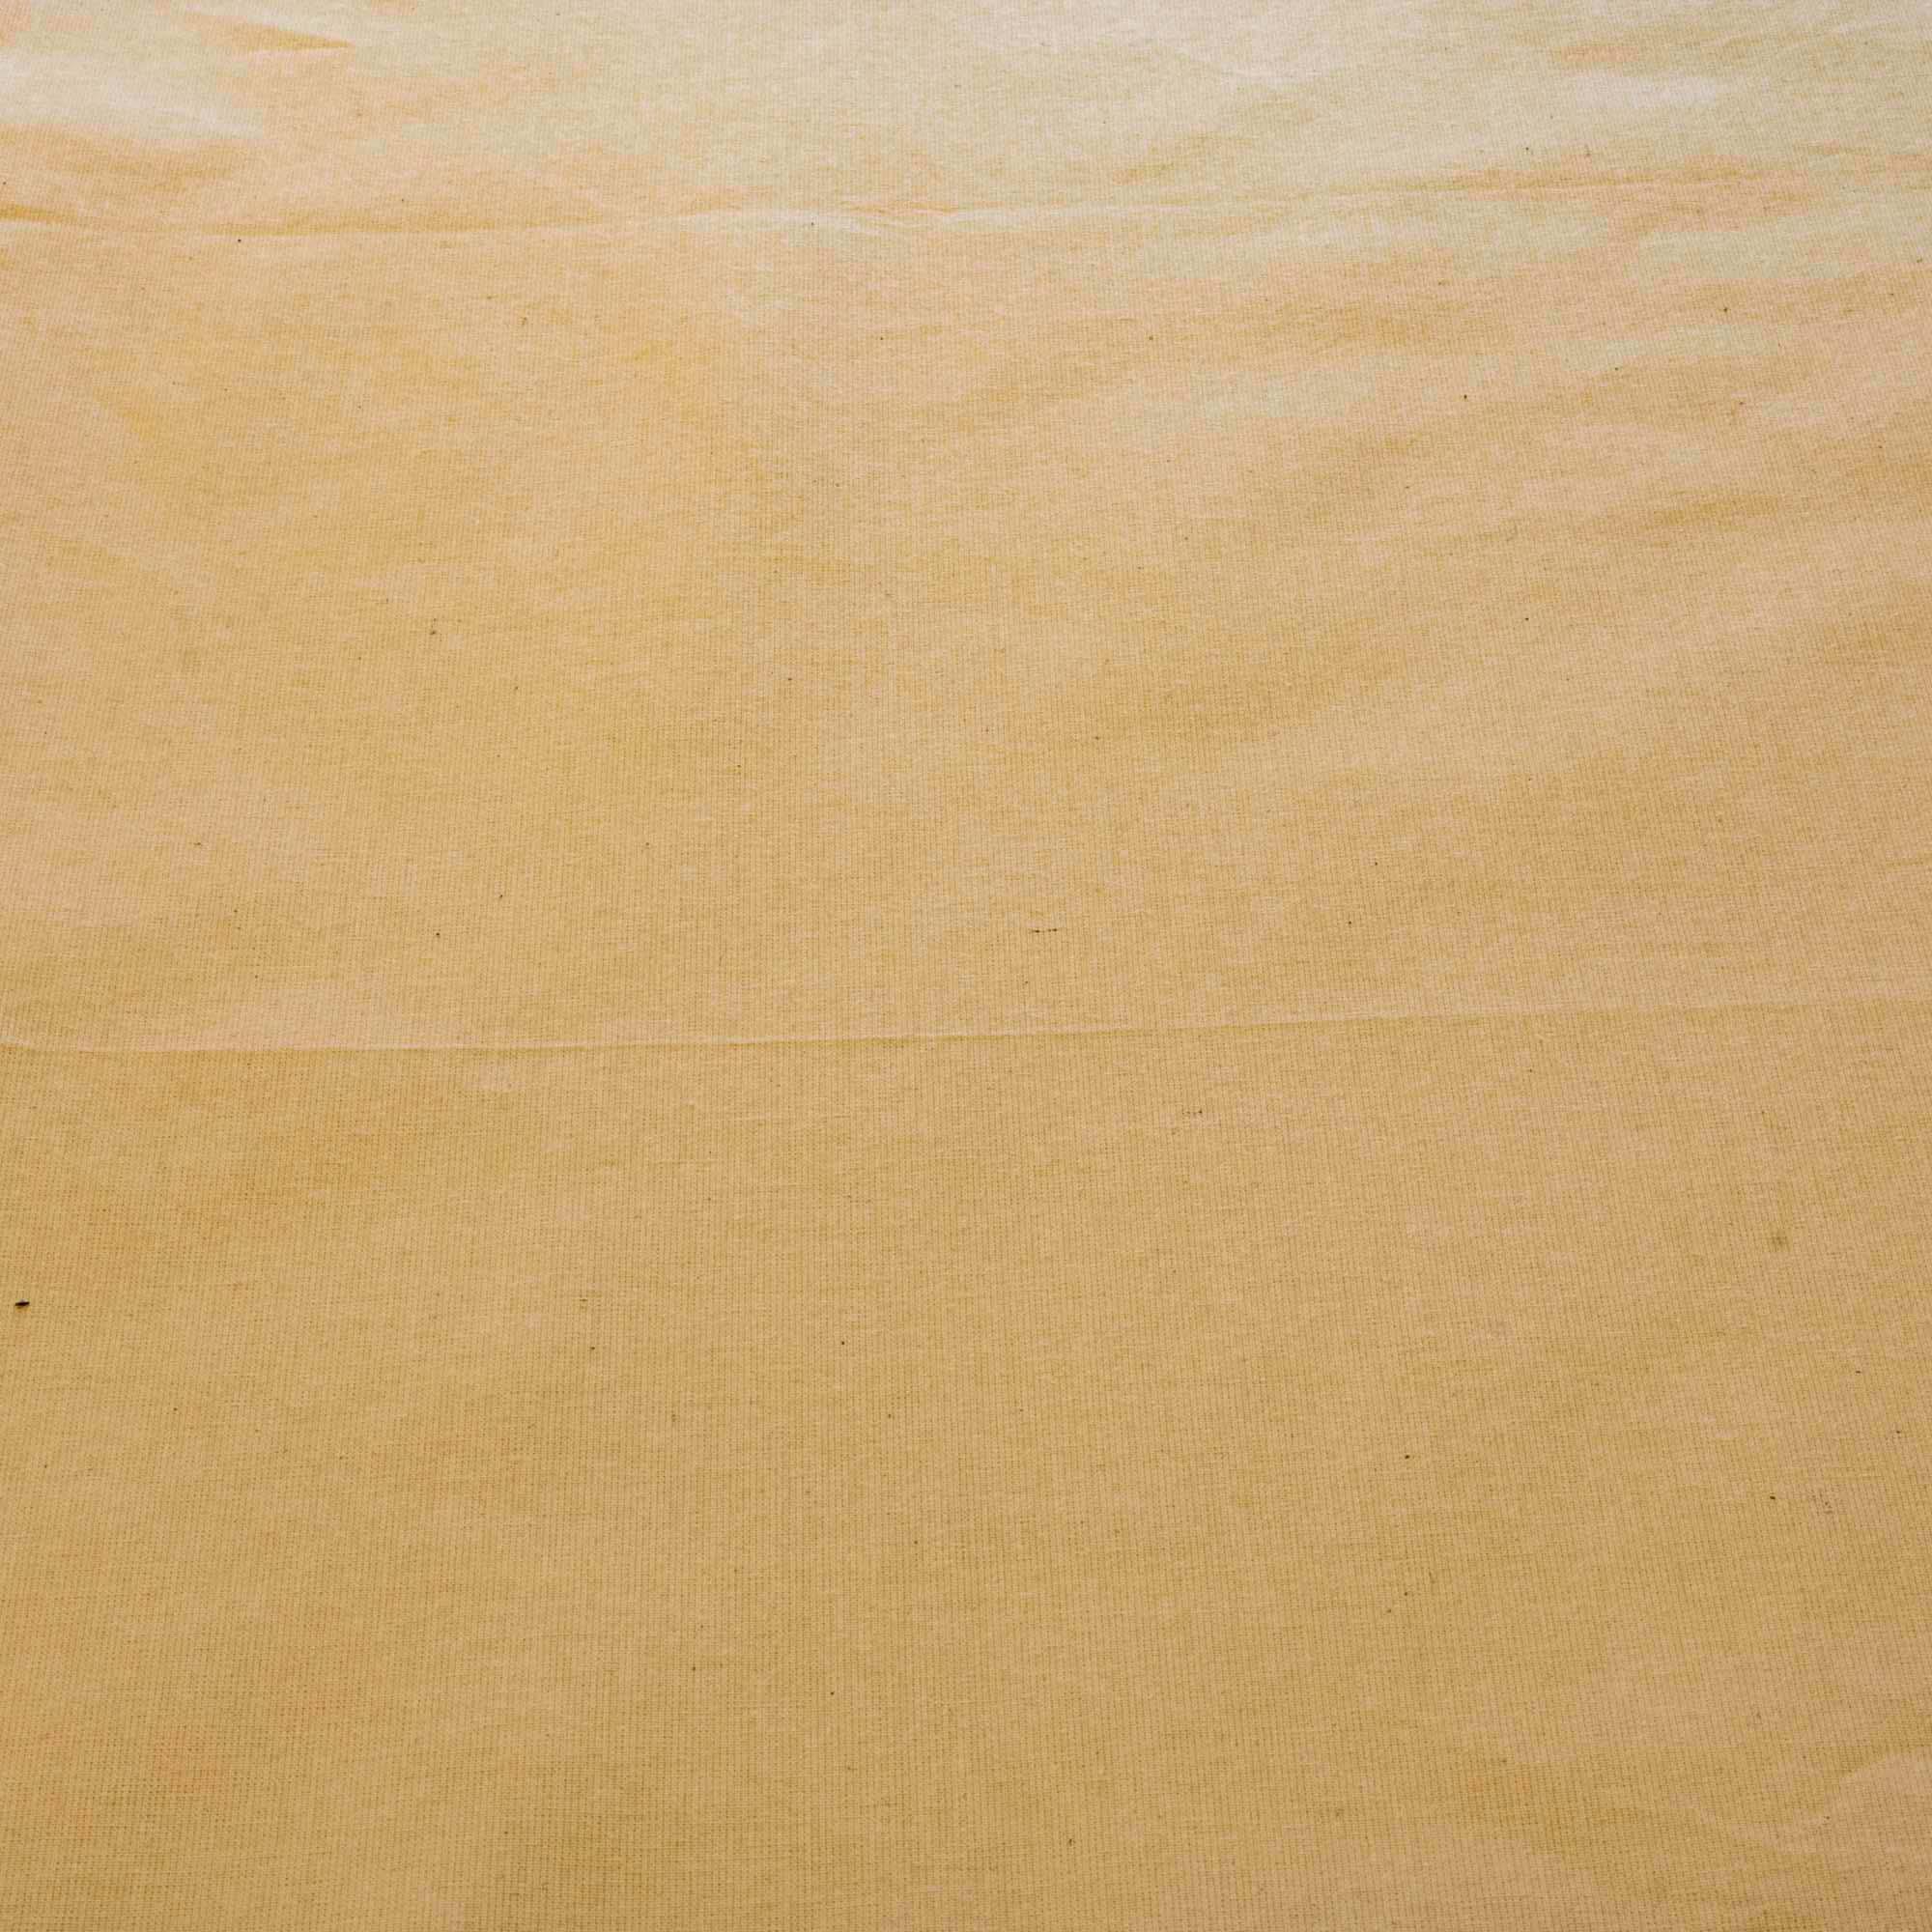 Tecido Algodao Cru 100% Algodao 1,60 Mt Largura